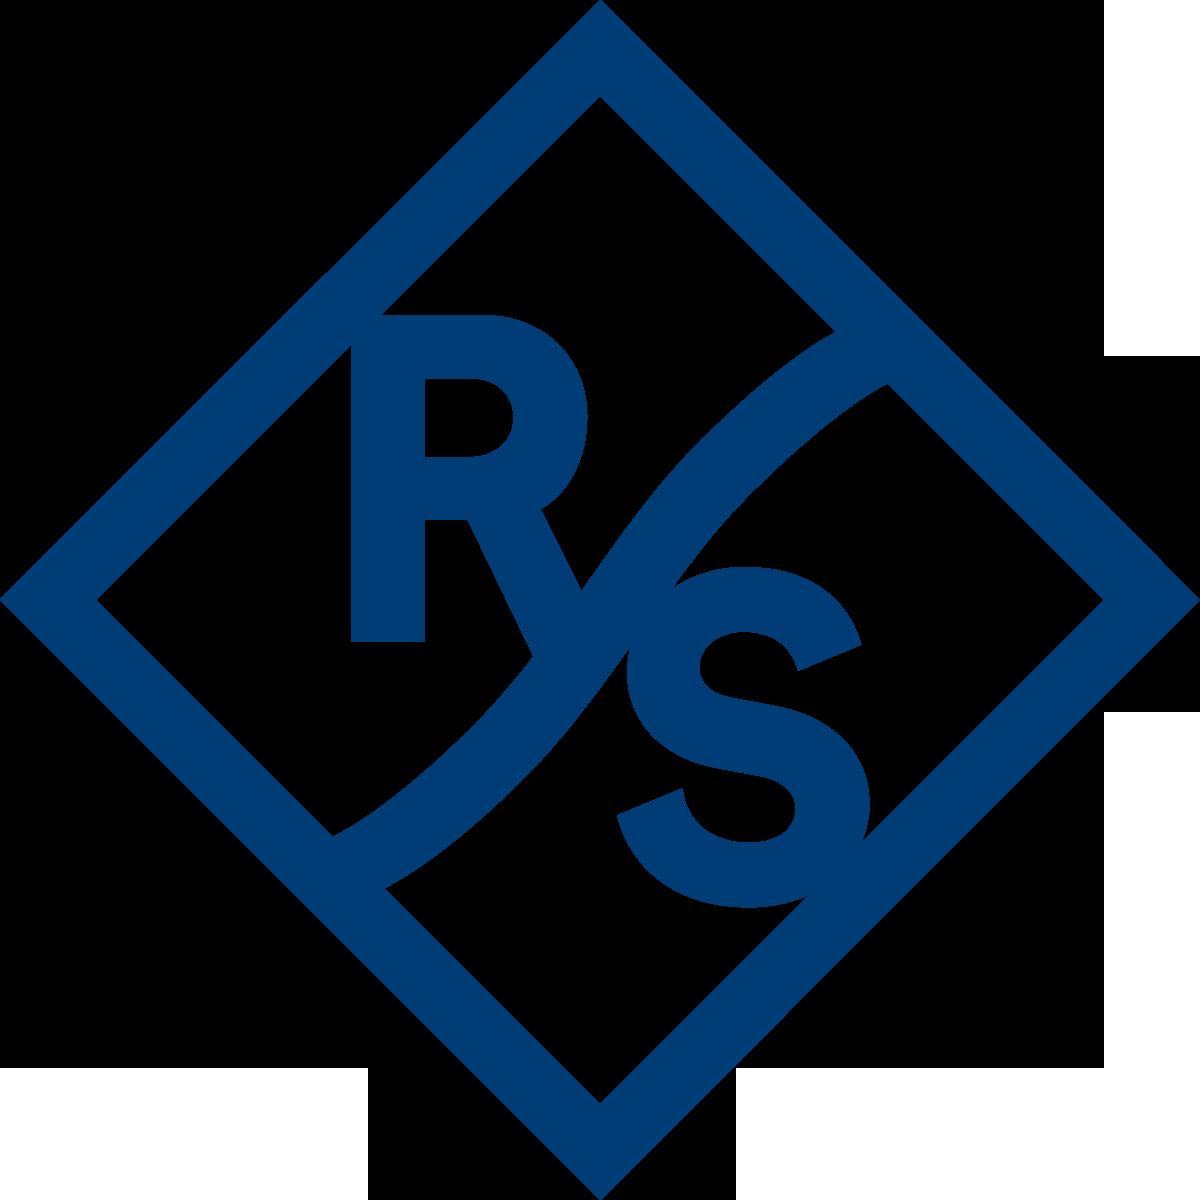 Rohde-Schwarz